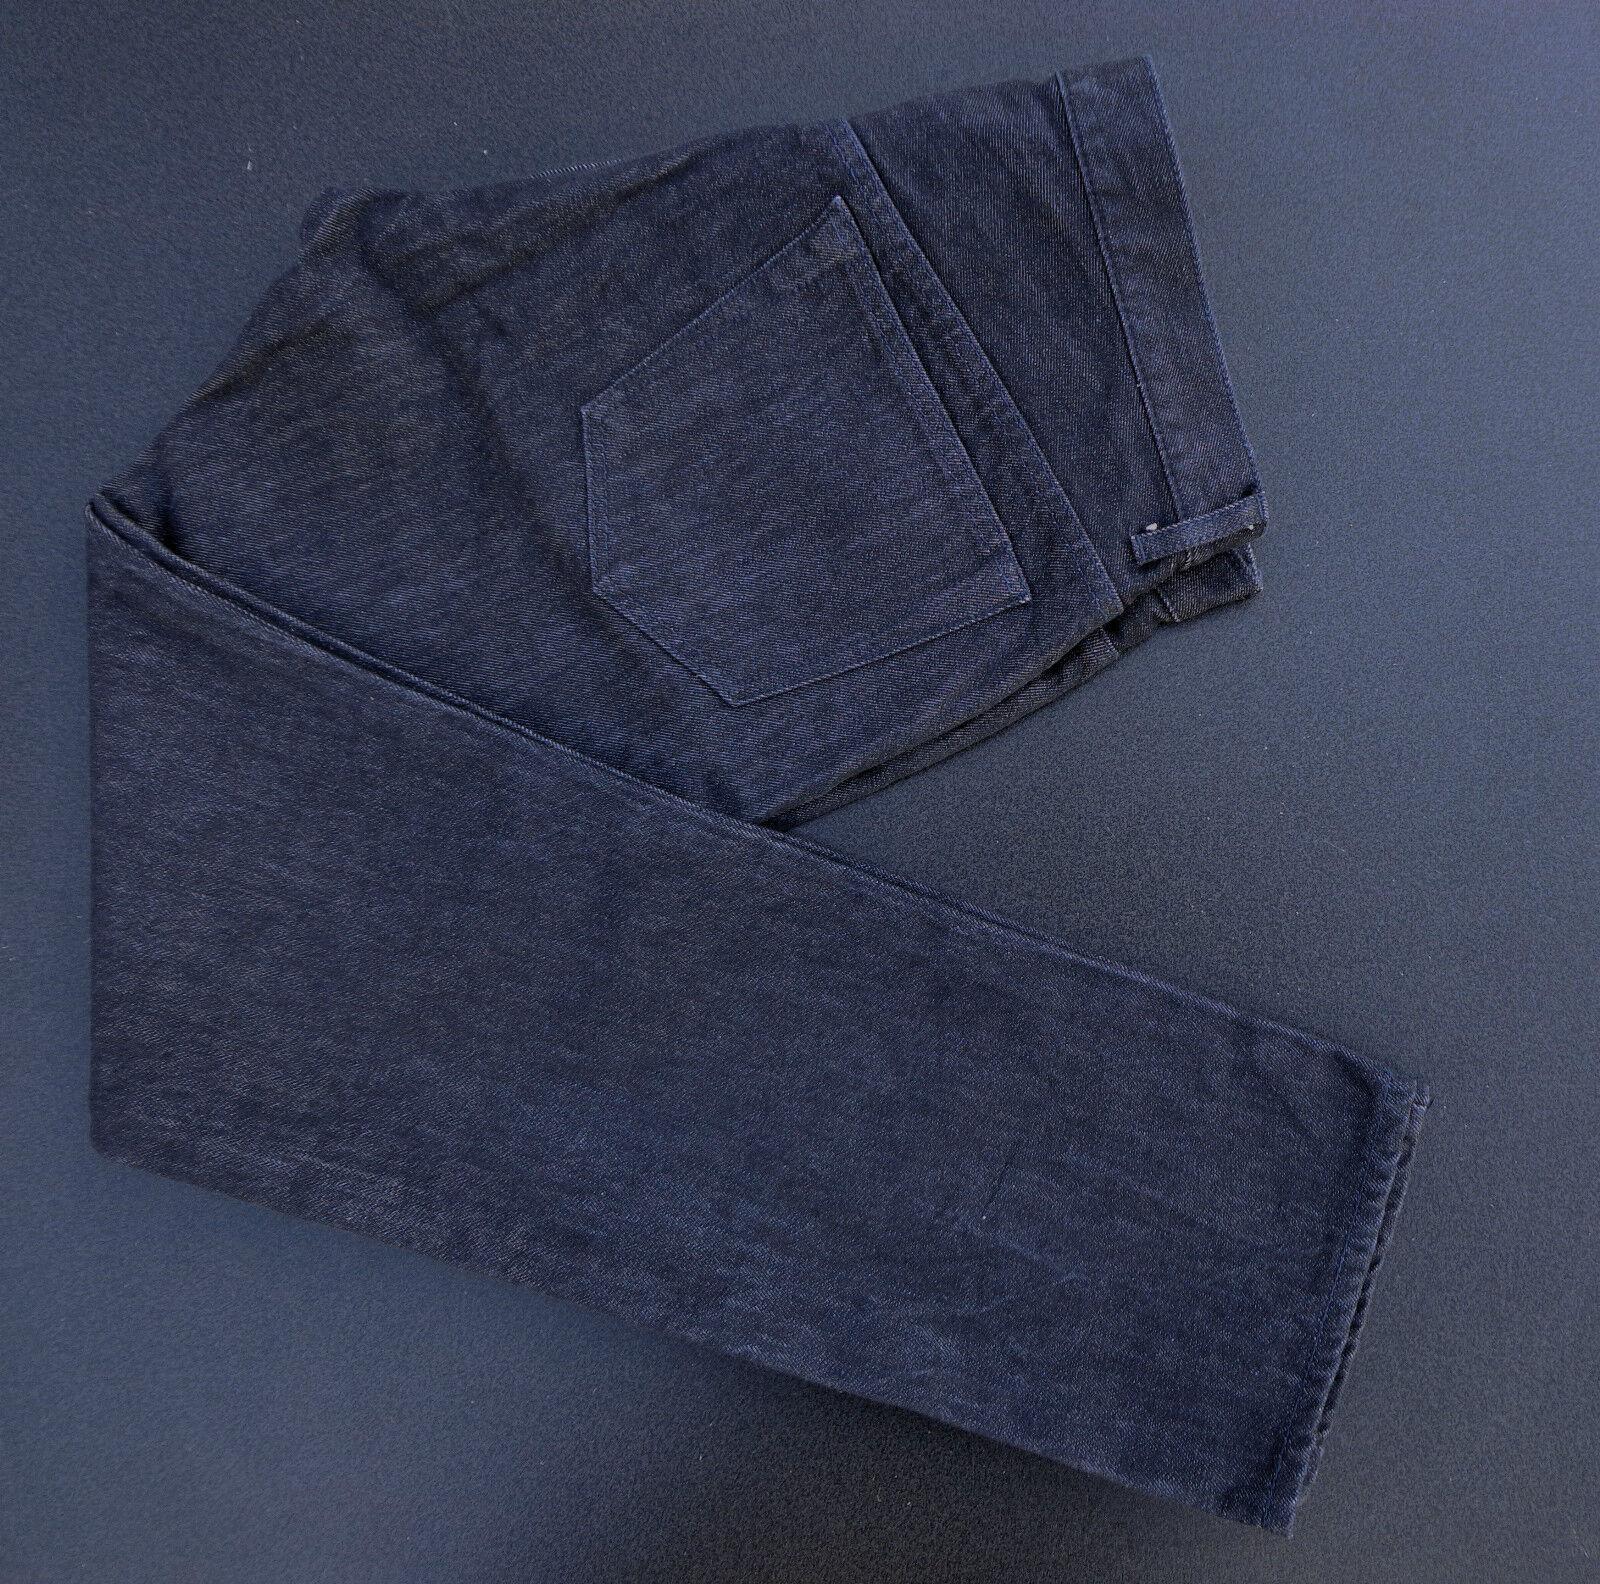 RARE Betty Smith Bespoke Order Made Kurashiki Okayama Jeans (38) Made in Japan